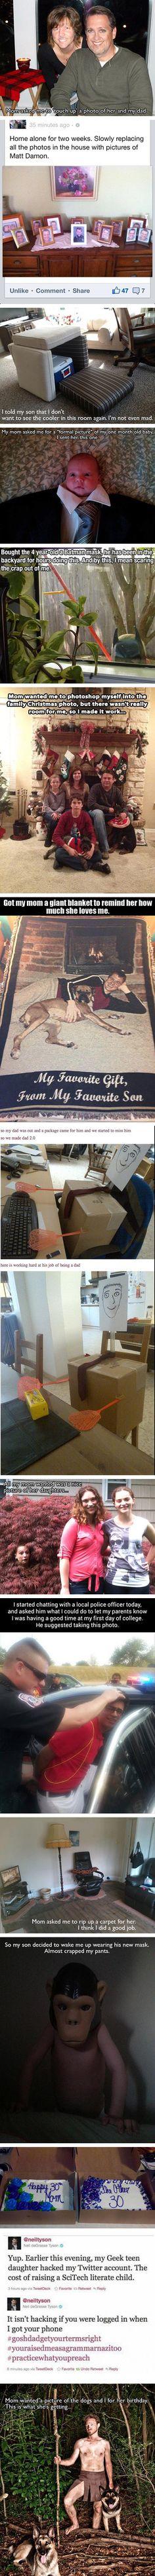 Still laughing!!!